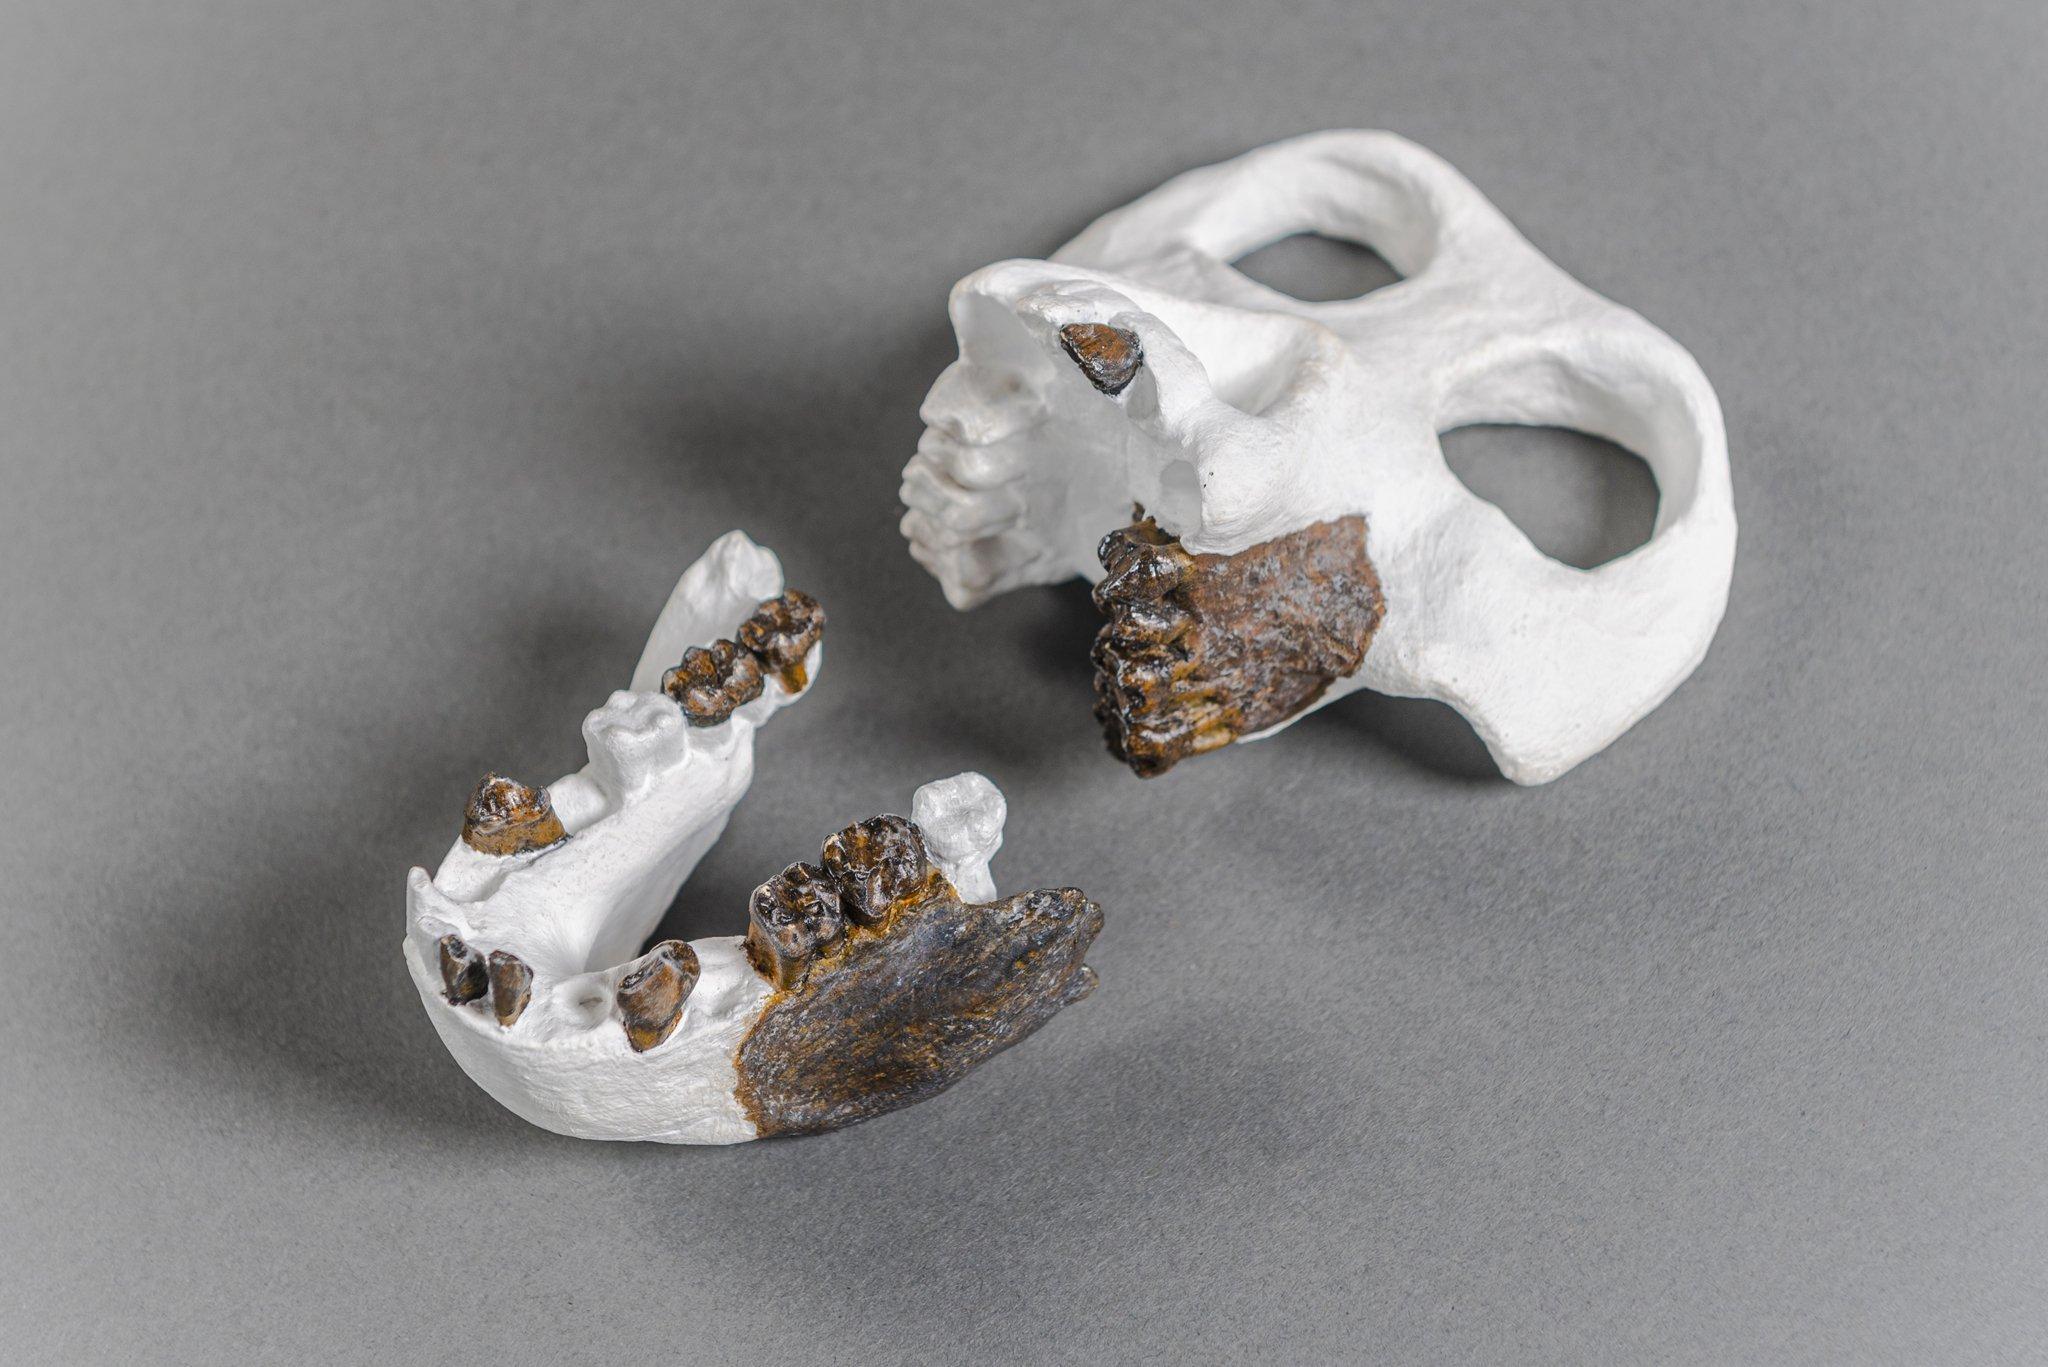 Das Foto zeigt eine Rekonstruktion des gesamten Schädels von Danuvius anhand der gefundenen fossilen Kieferbruchstücke und Zähne. Vor allem die Zähne weisen charakteristische Merkmale auf, die es den Paläoanthropologen ermöglichen, den Fund systematisch einzuordnen, als Art zu definieren und festzustellen mit wem er verwandt ist.